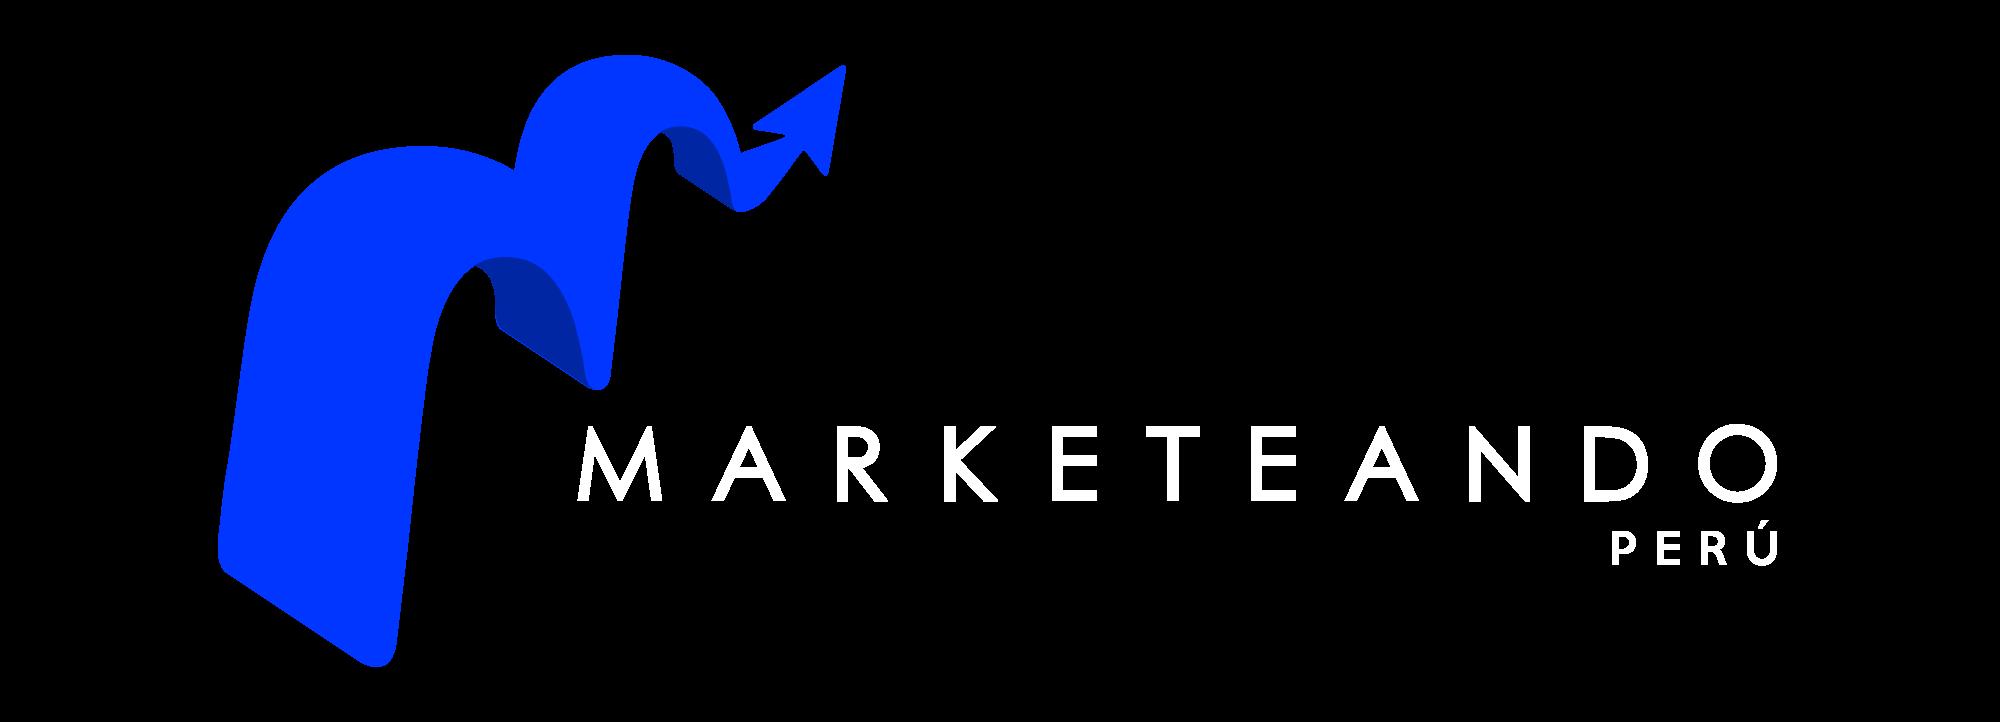 Marketeando Perú